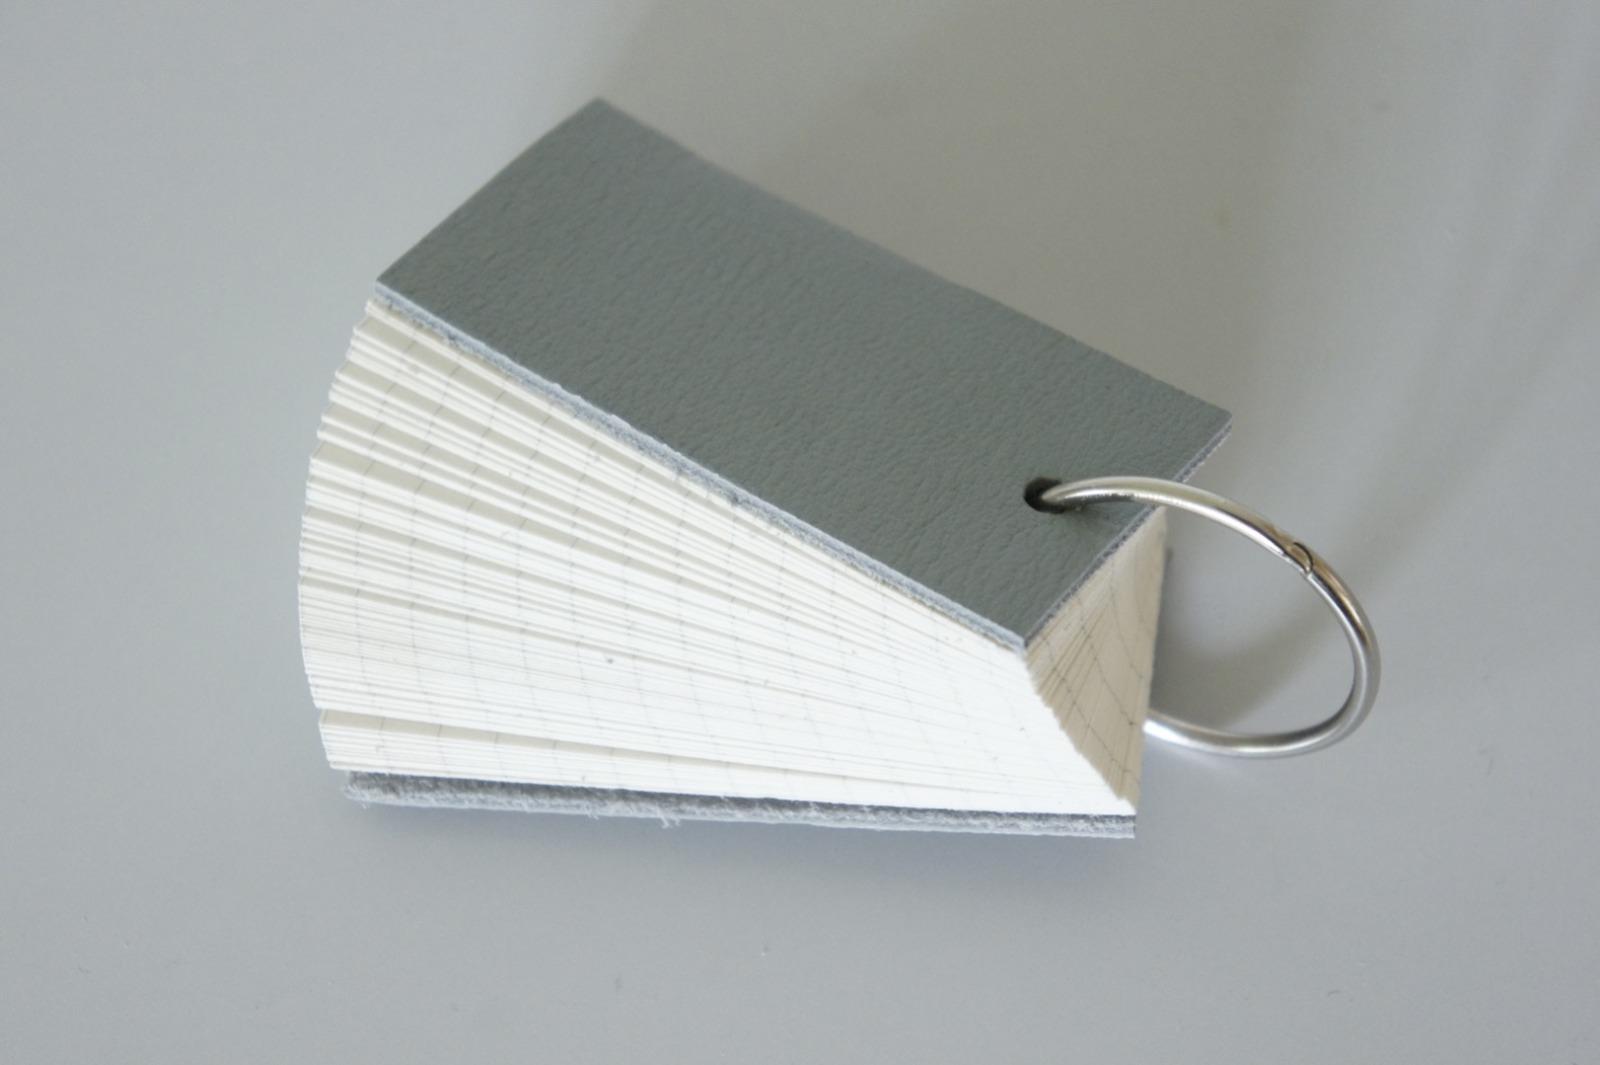 Mini Notizbuch Vokabeltrainer Leder - ozeangrün